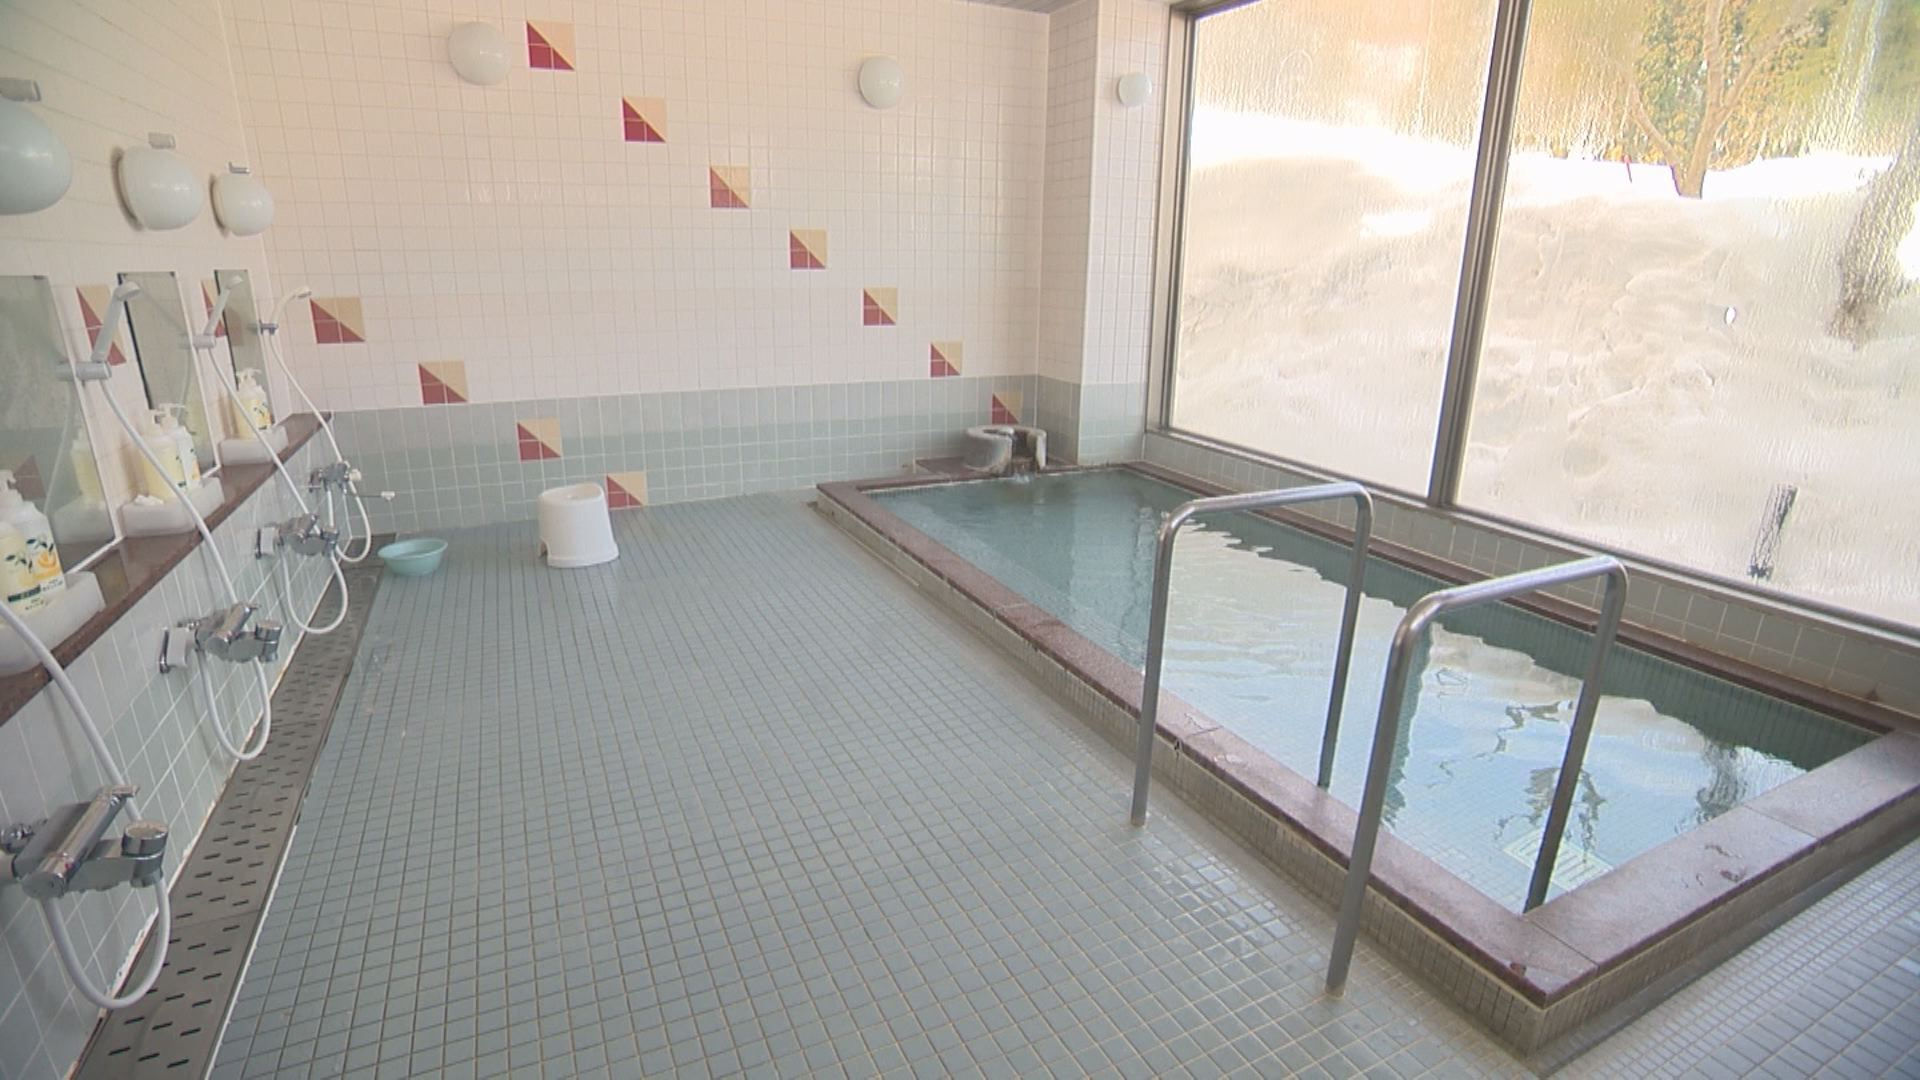 ろばた館 風呂